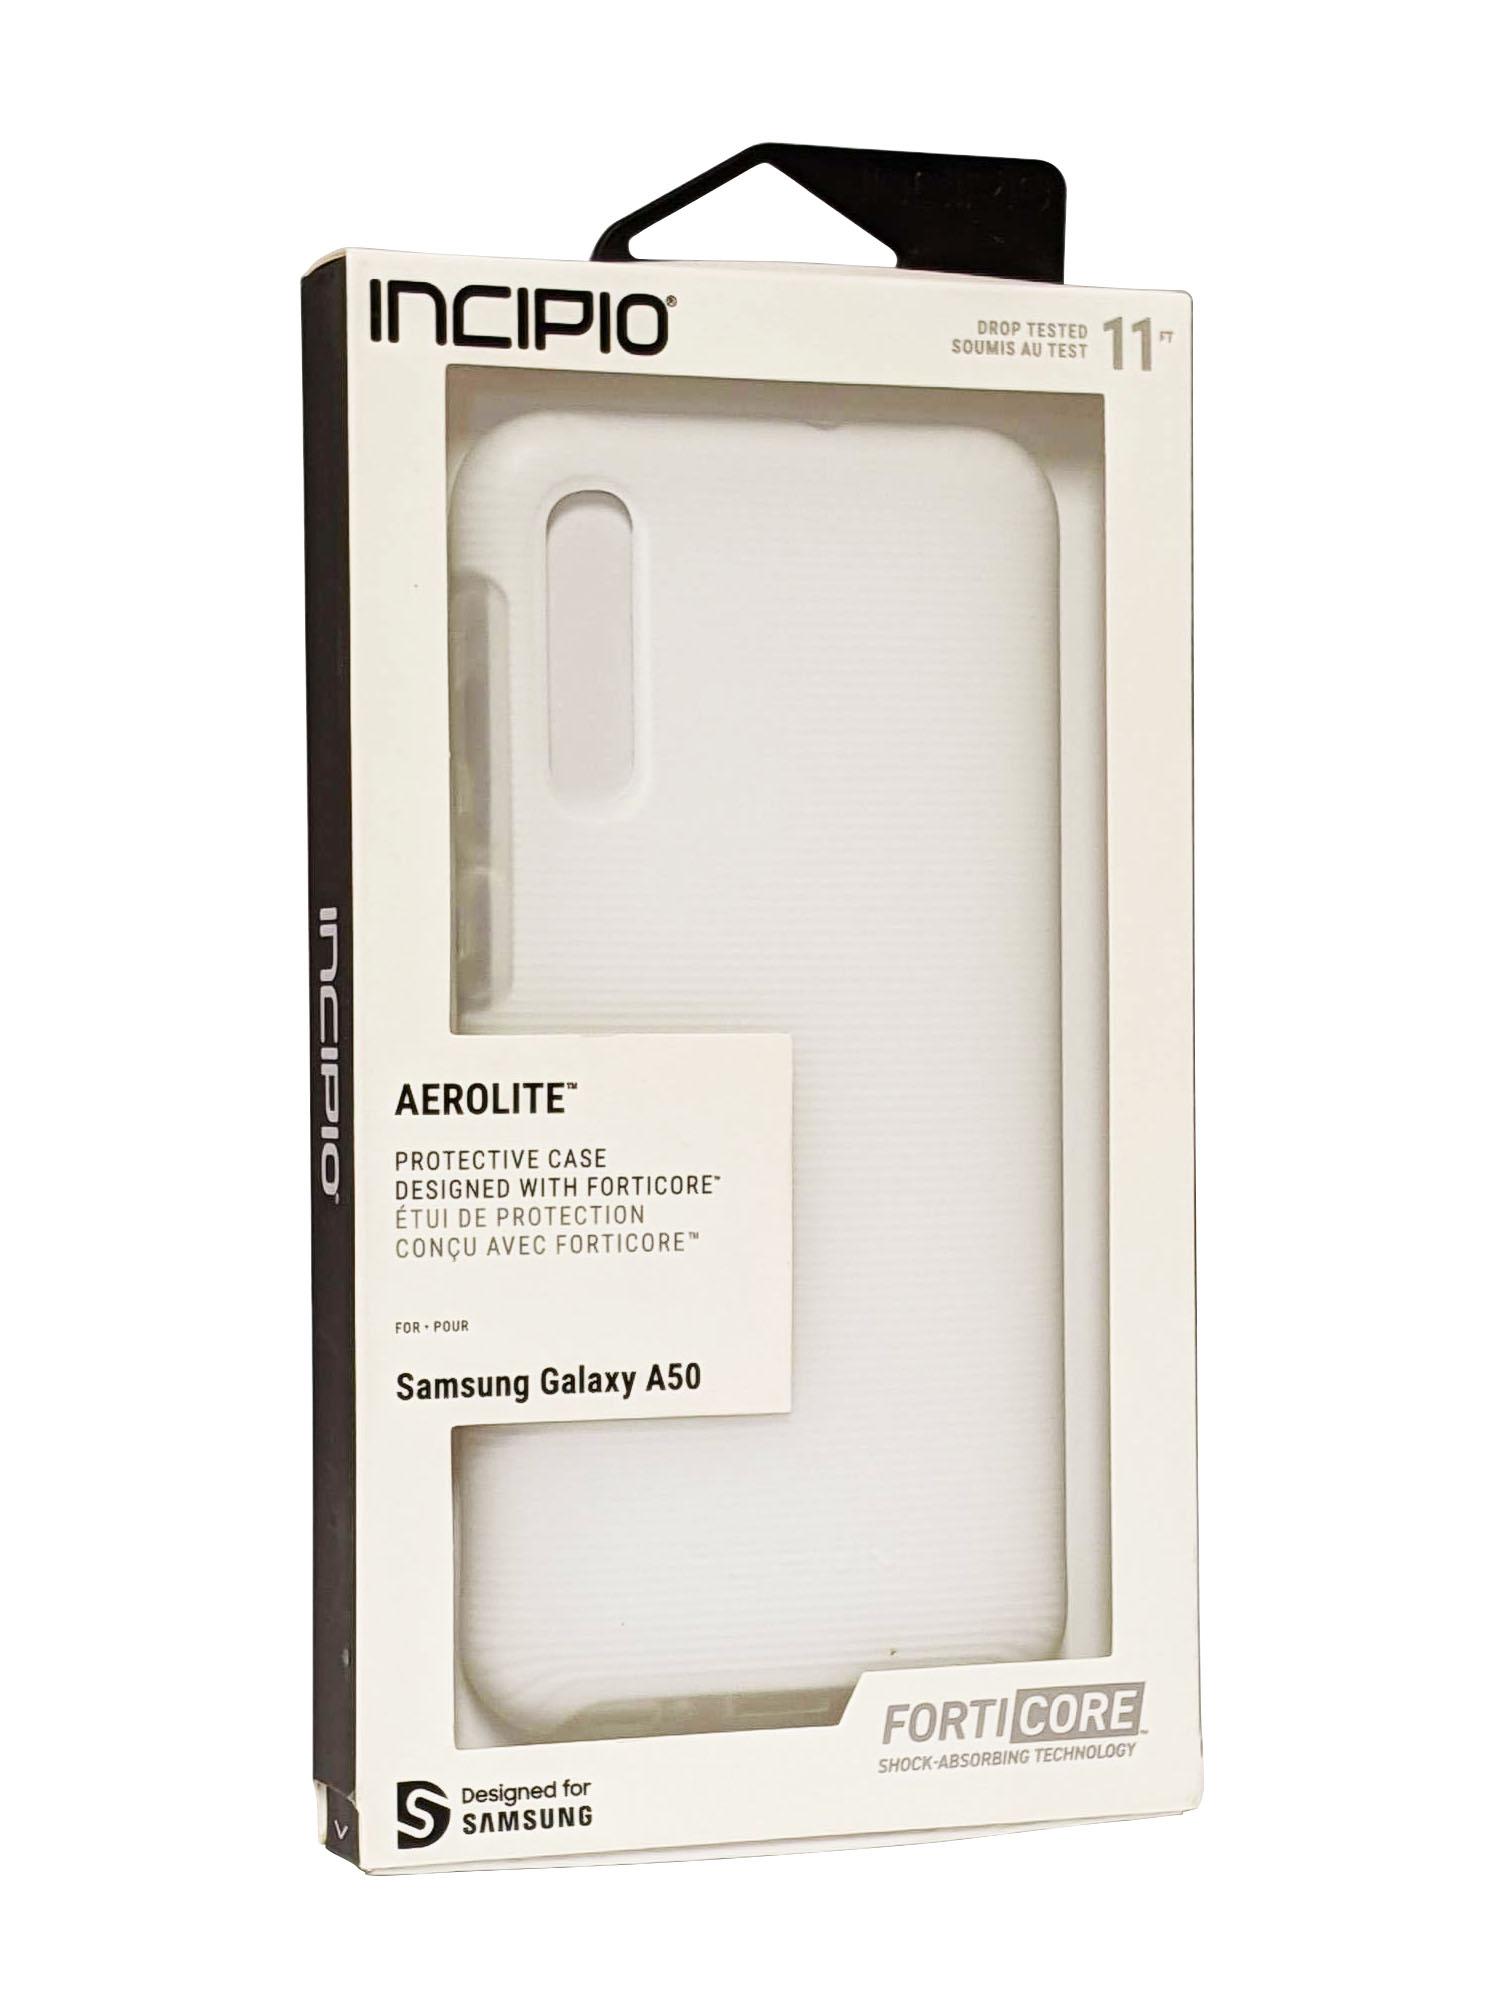 Incipio Aerolite Flexible Case for Samsung Galaxy A50 - White